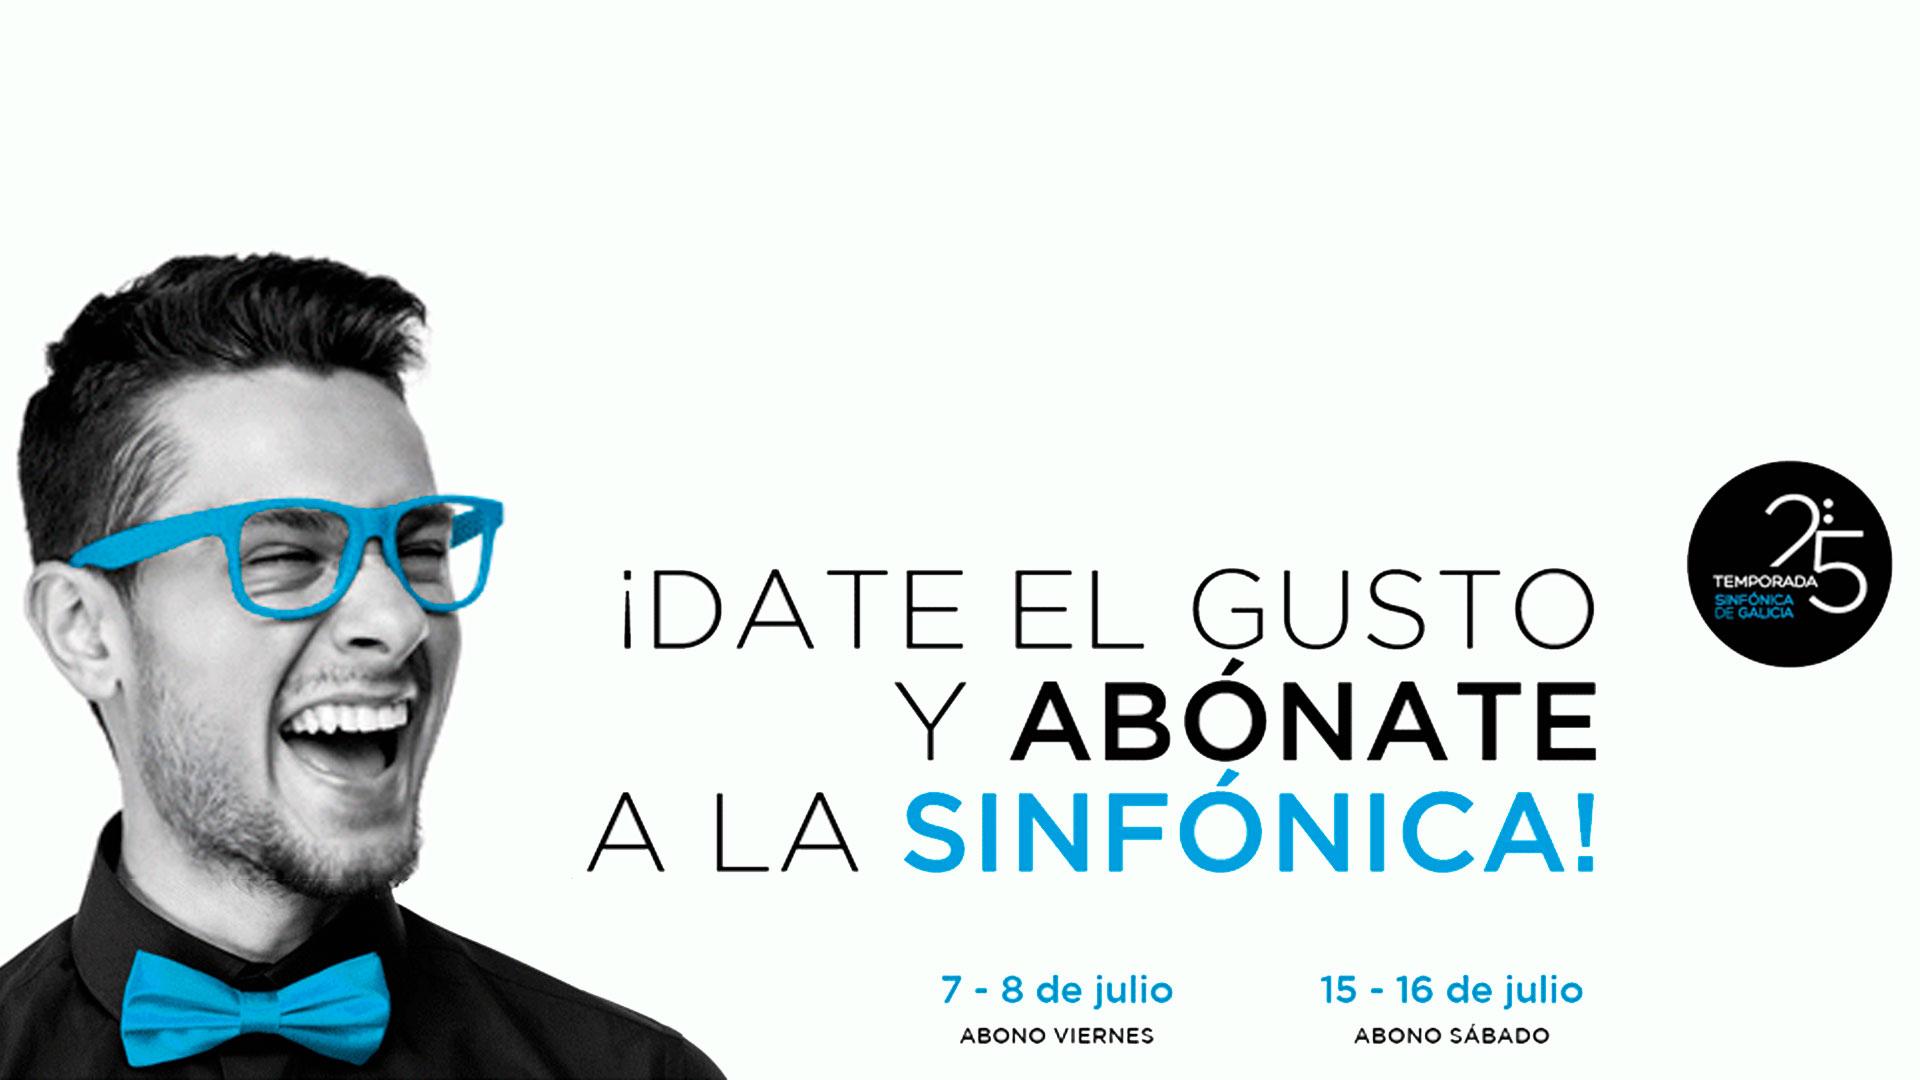 La Sinfónica de Galicia pone a la venta nuevos abonos de los ciclos Abono Viernes y Abono Sábado para la temporada 2016-2017, con la que celebrará su veinticinco aniversario